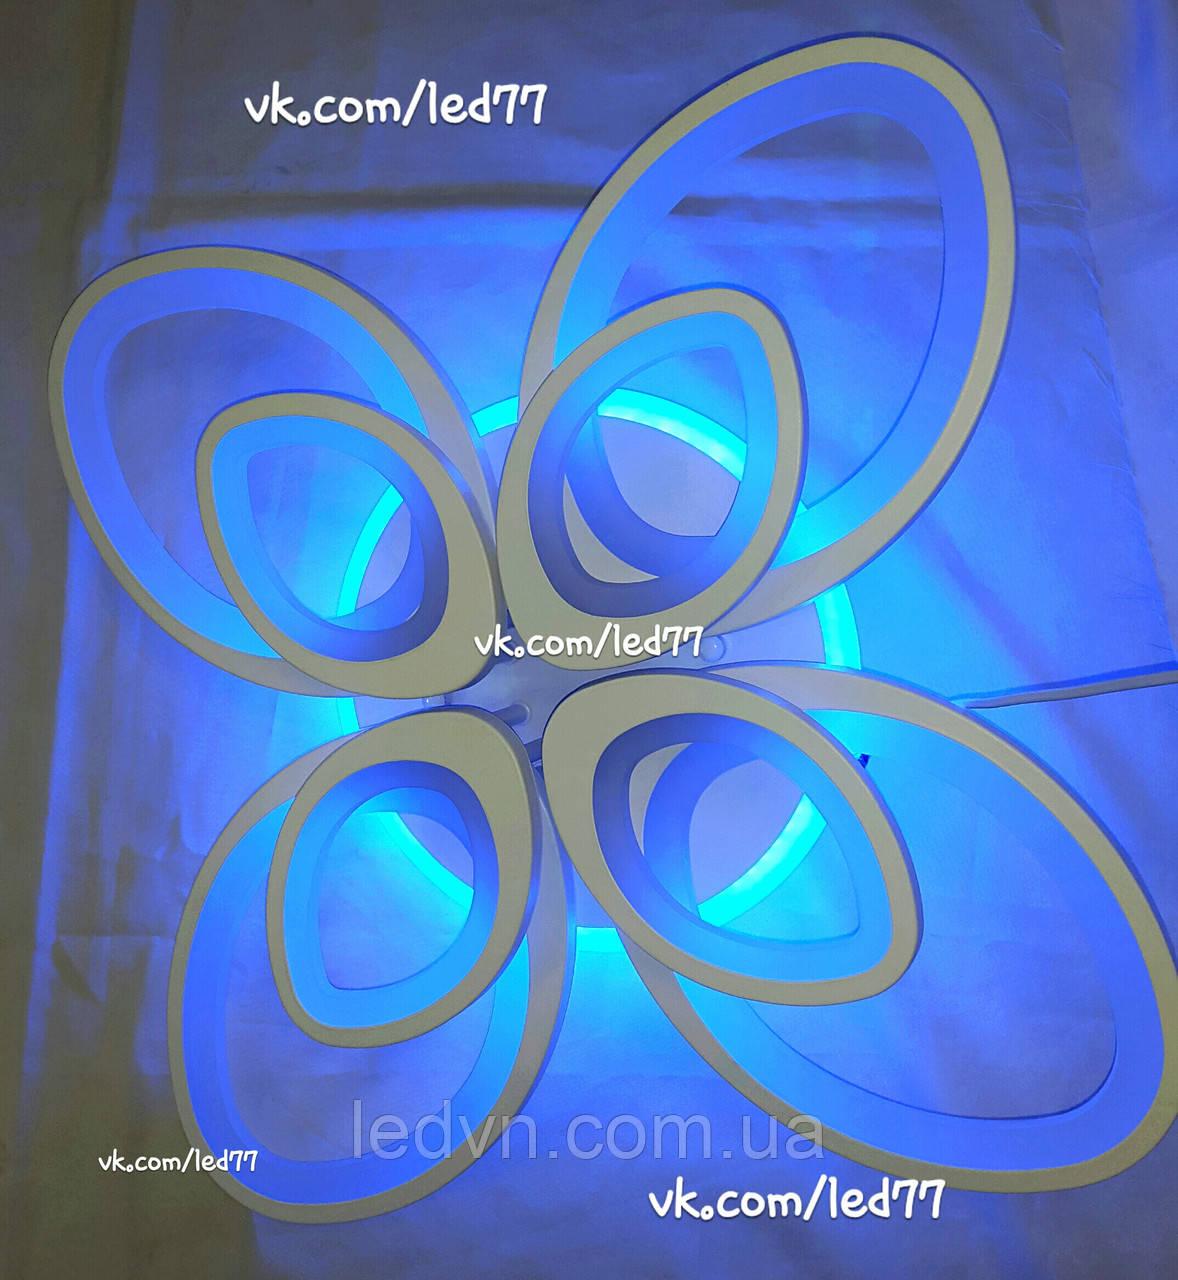 Світлодіодна люстра 4+4 з диммерным пультом і синім підсвічуванням біла